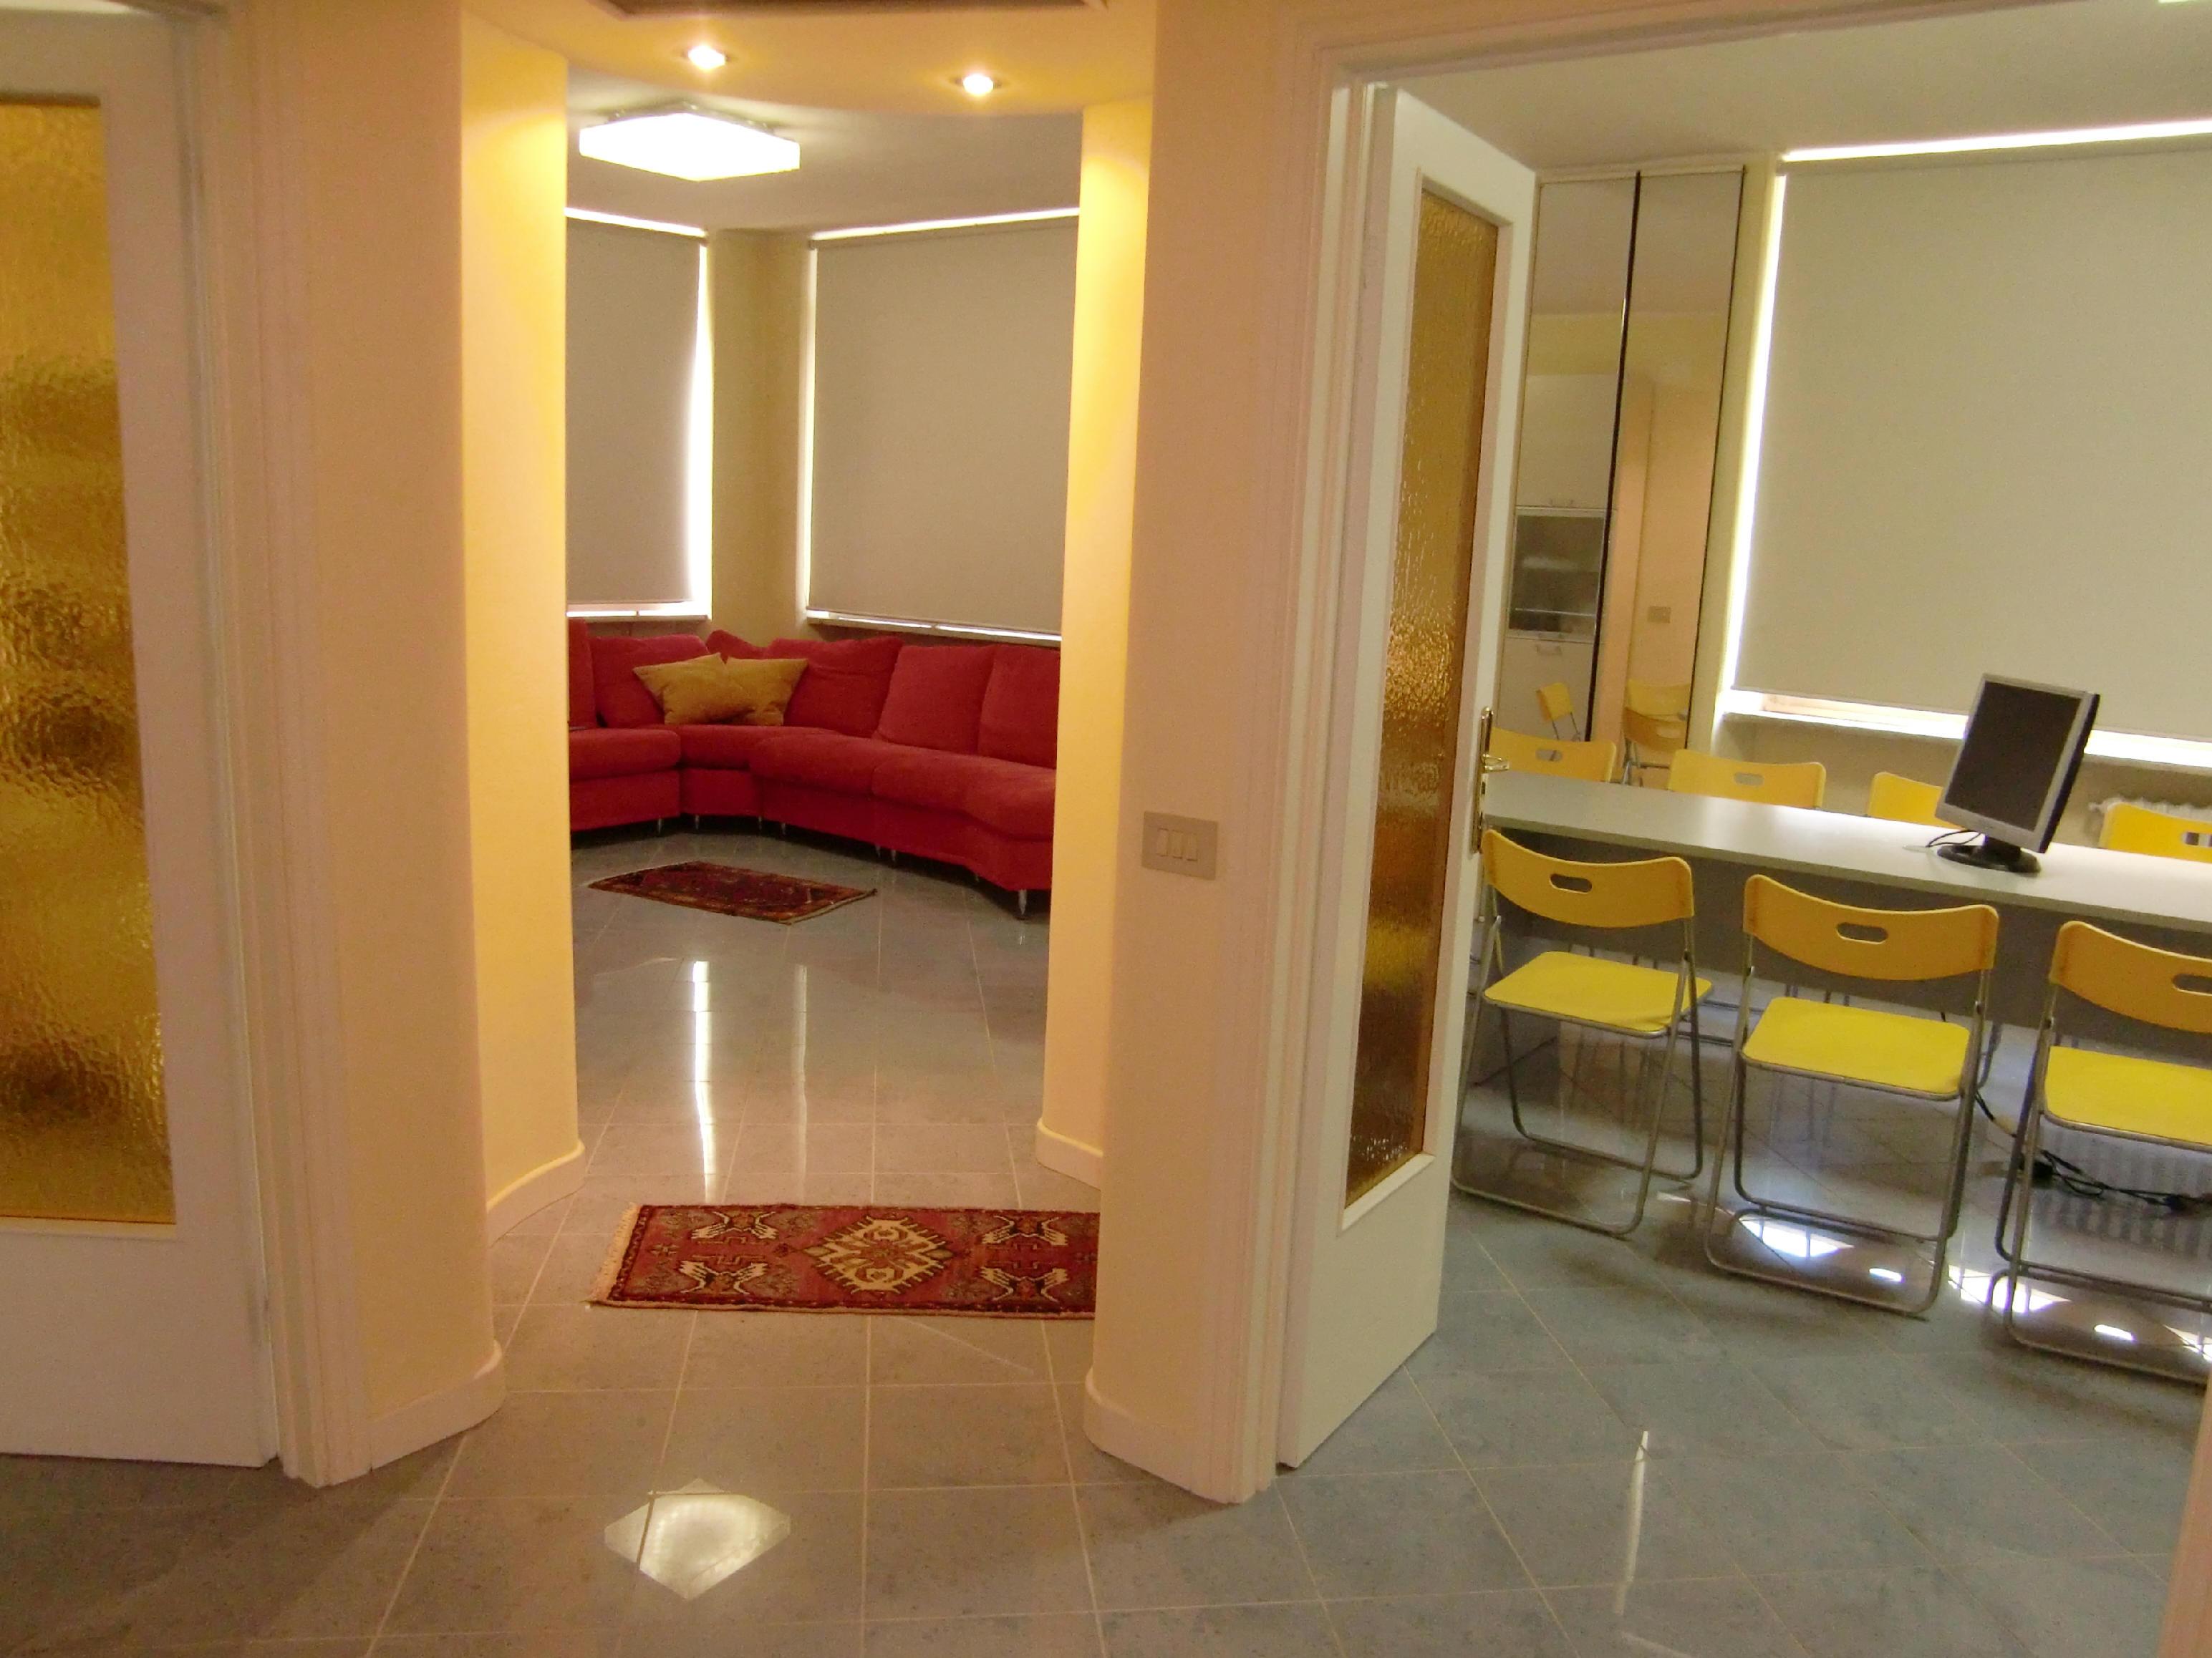 Ufficio temporaneo a cecina centro for Centro ufficio